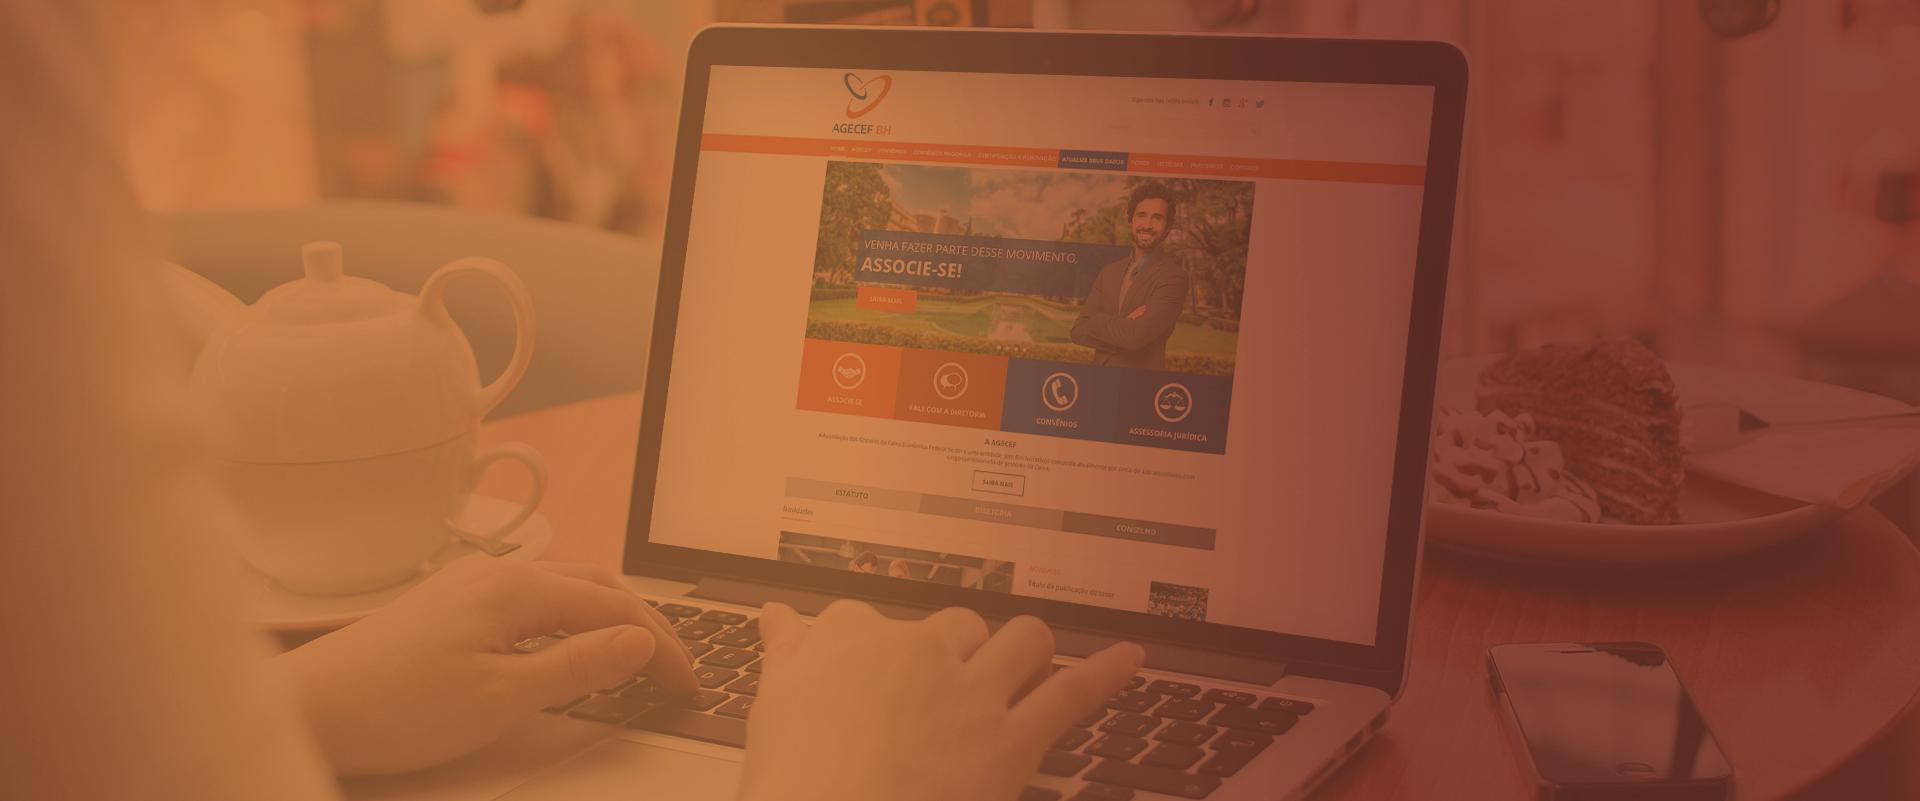 Criação de Sites para Entidades sem Fins Lucrativos